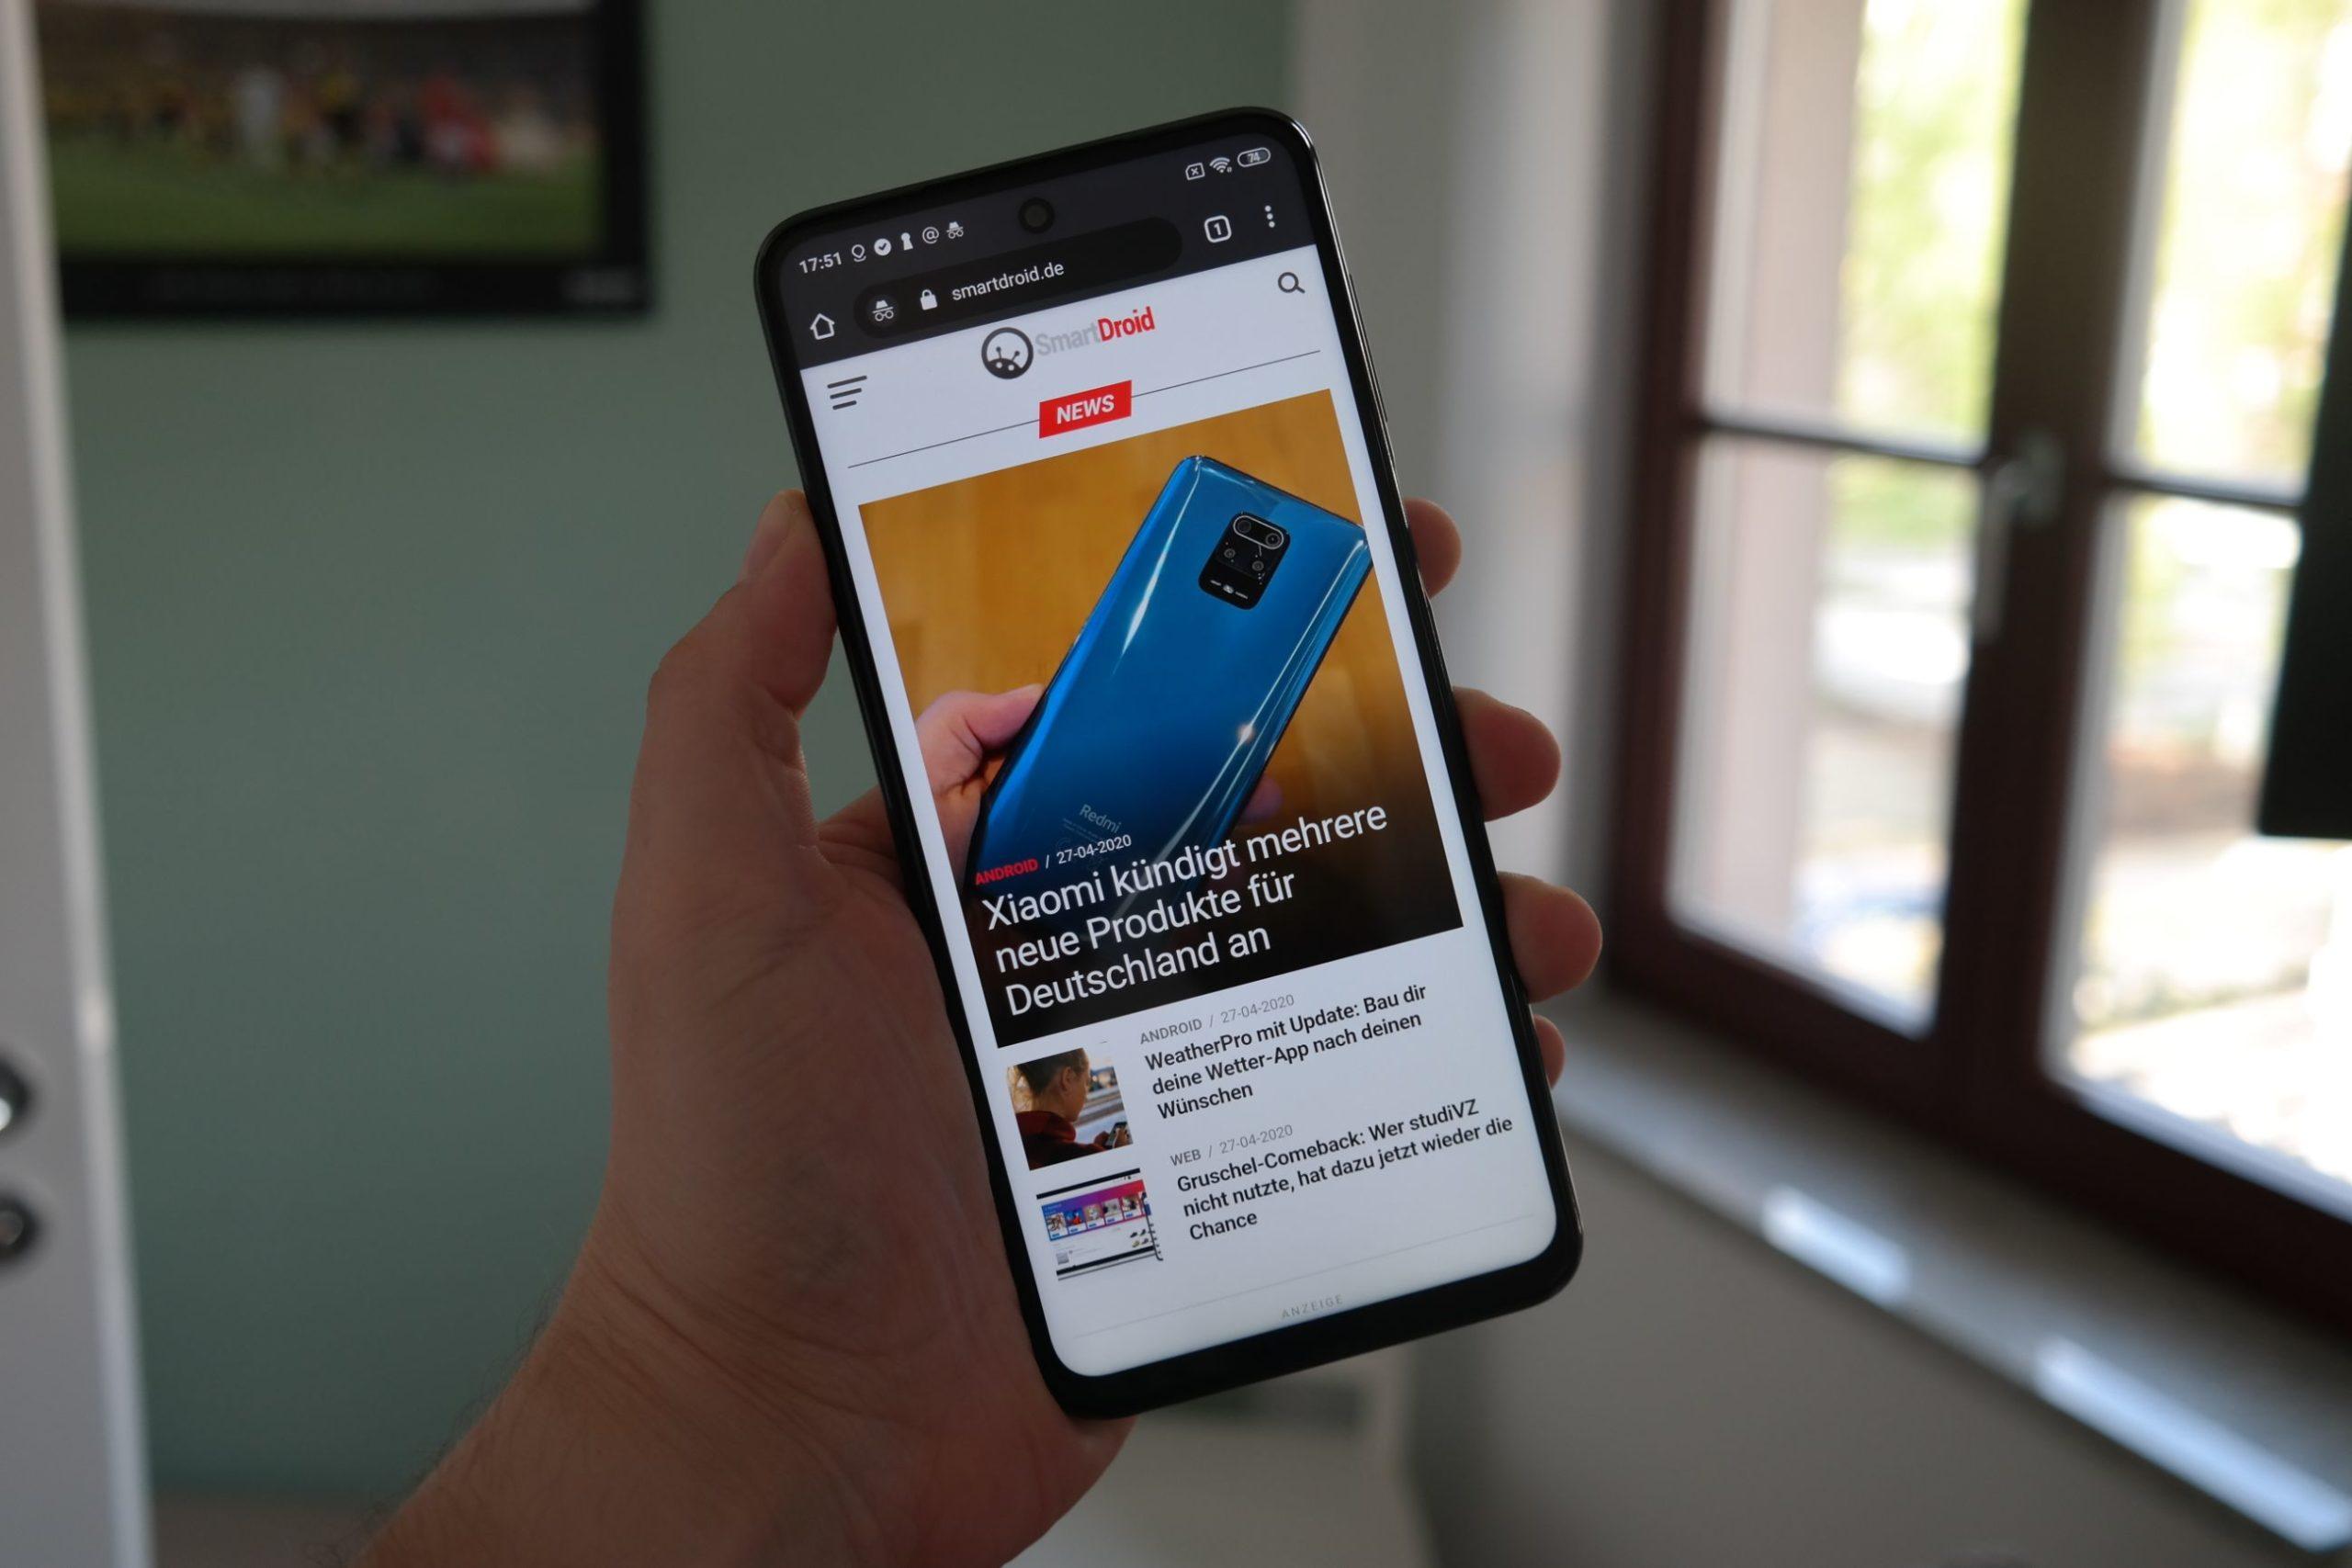 Xiaomi-bereitet-neue-Generation-seiner-Tiefpreis-Topseller-vor-Redmi-Note-10-f-r-Europa-gesichtet